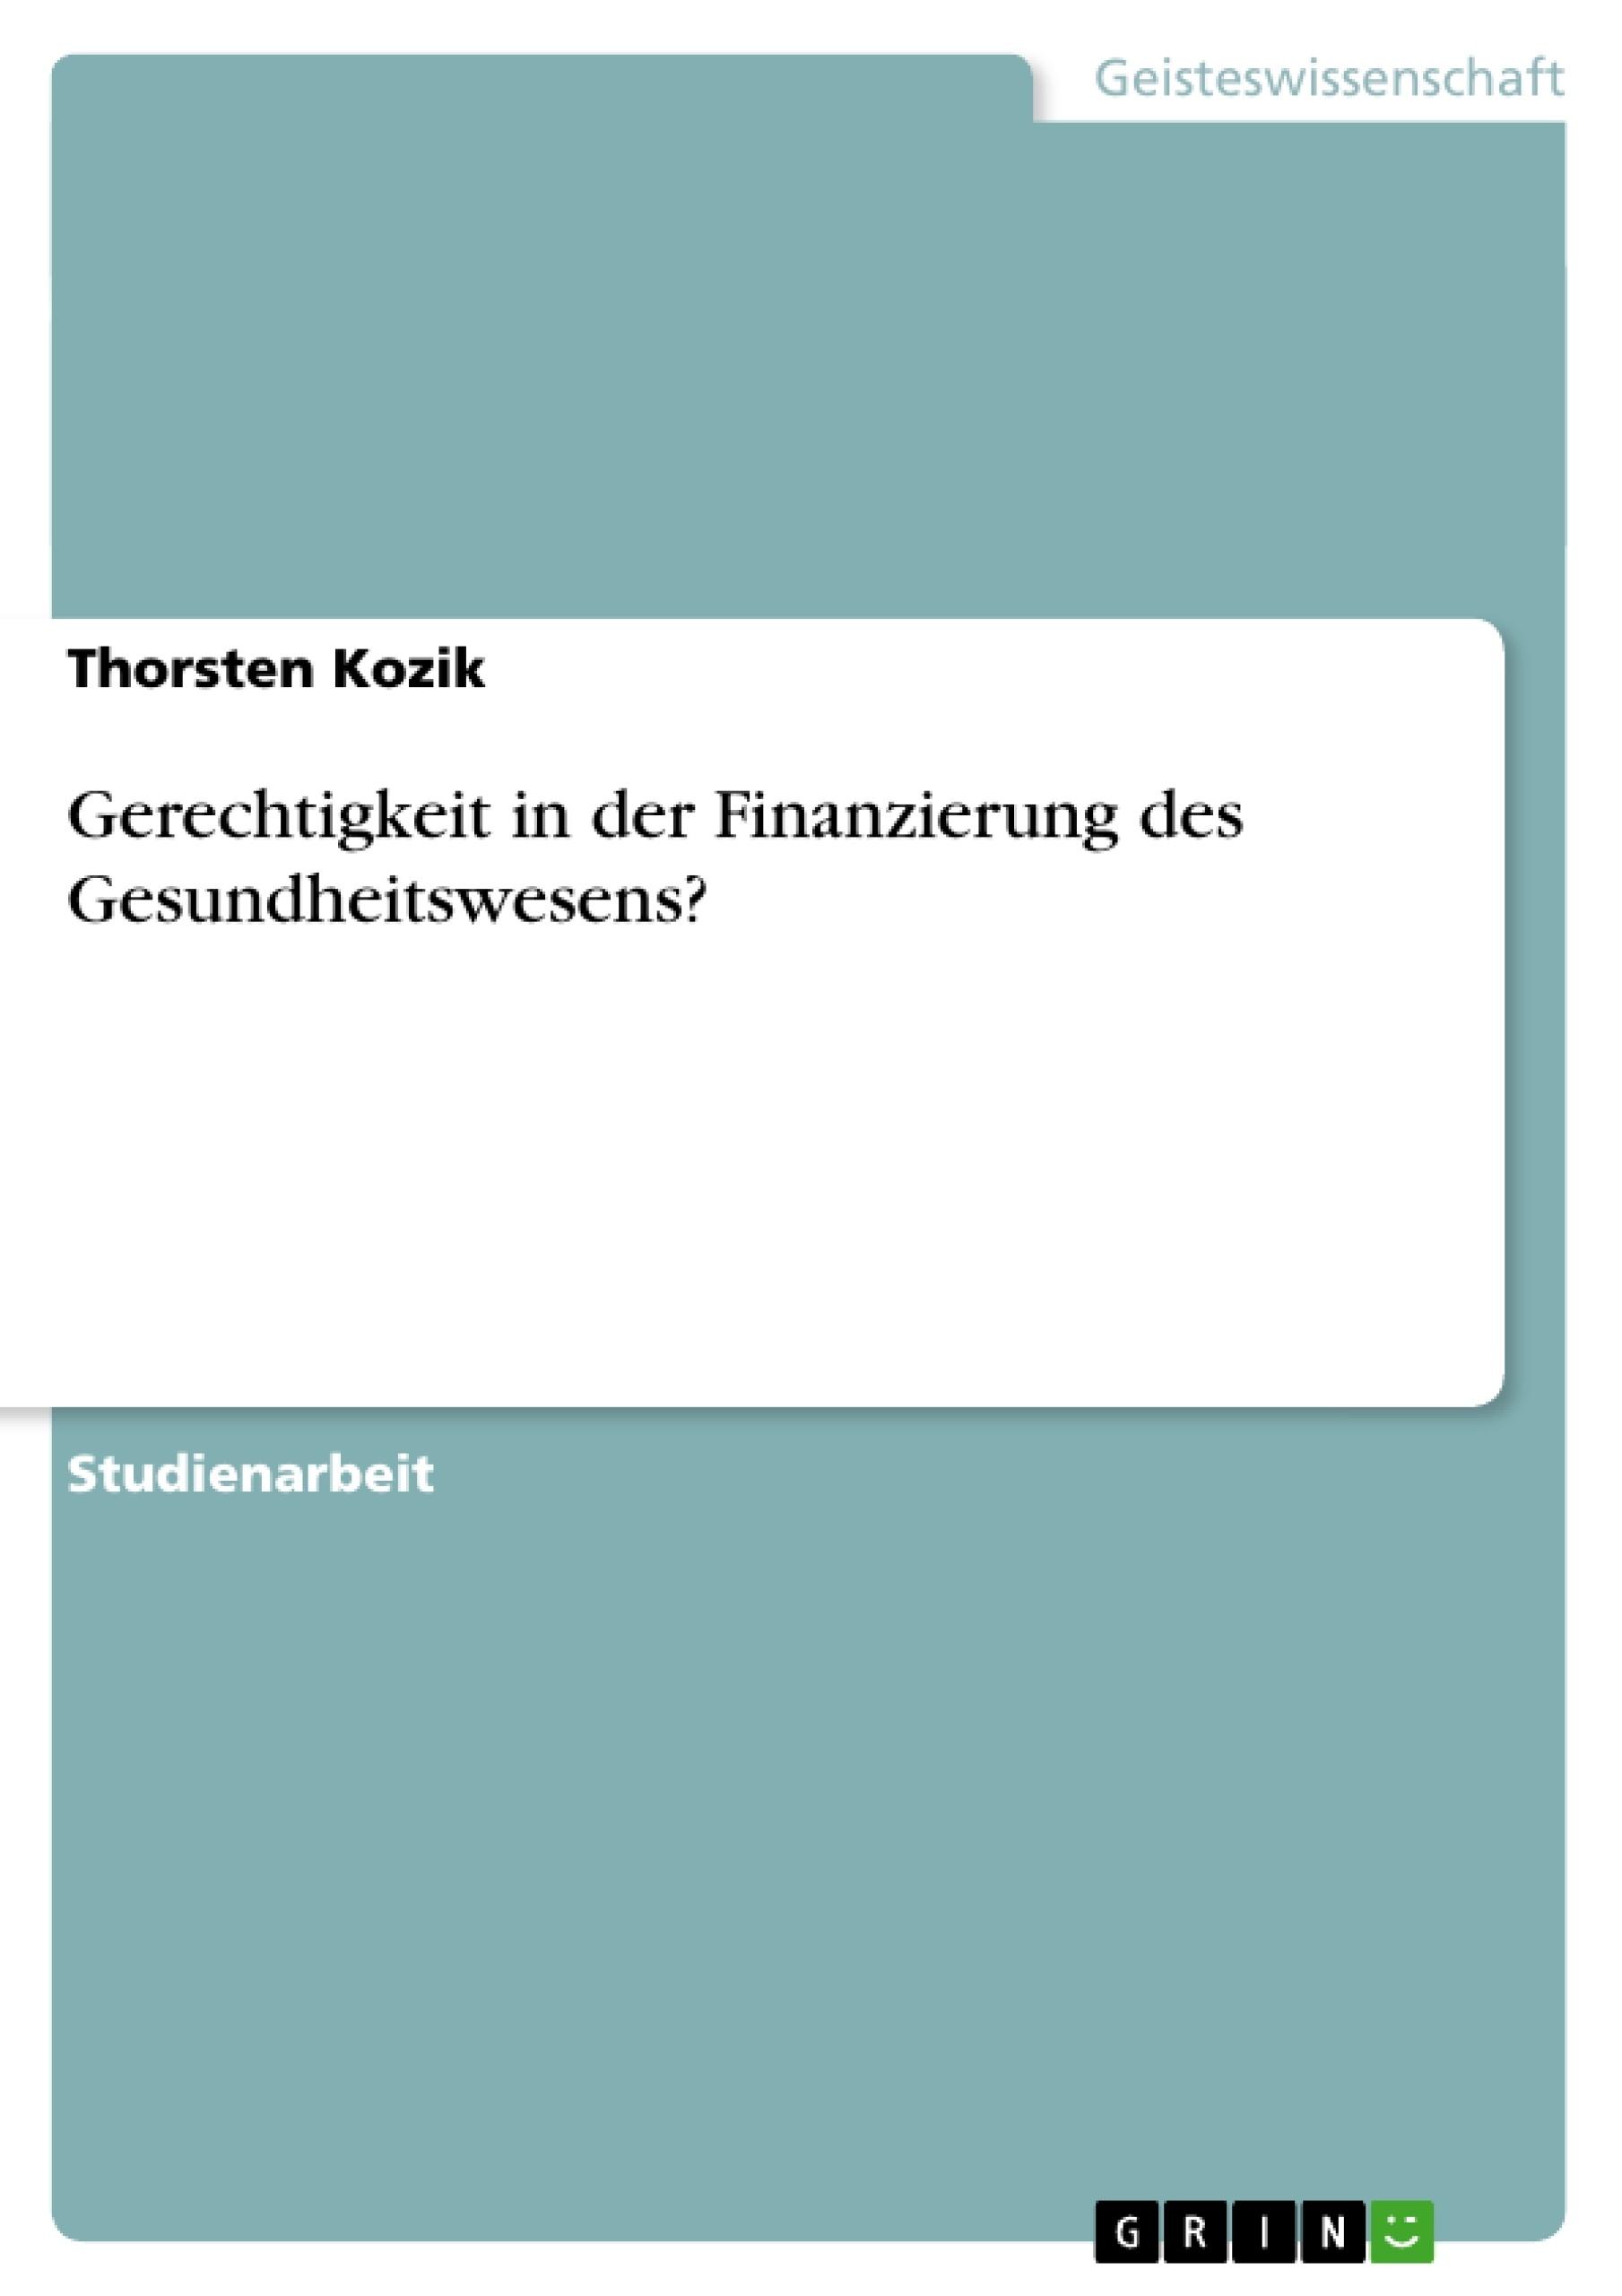 Titel: Gerechtigkeit in der Finanzierung des Gesundheitswesens?